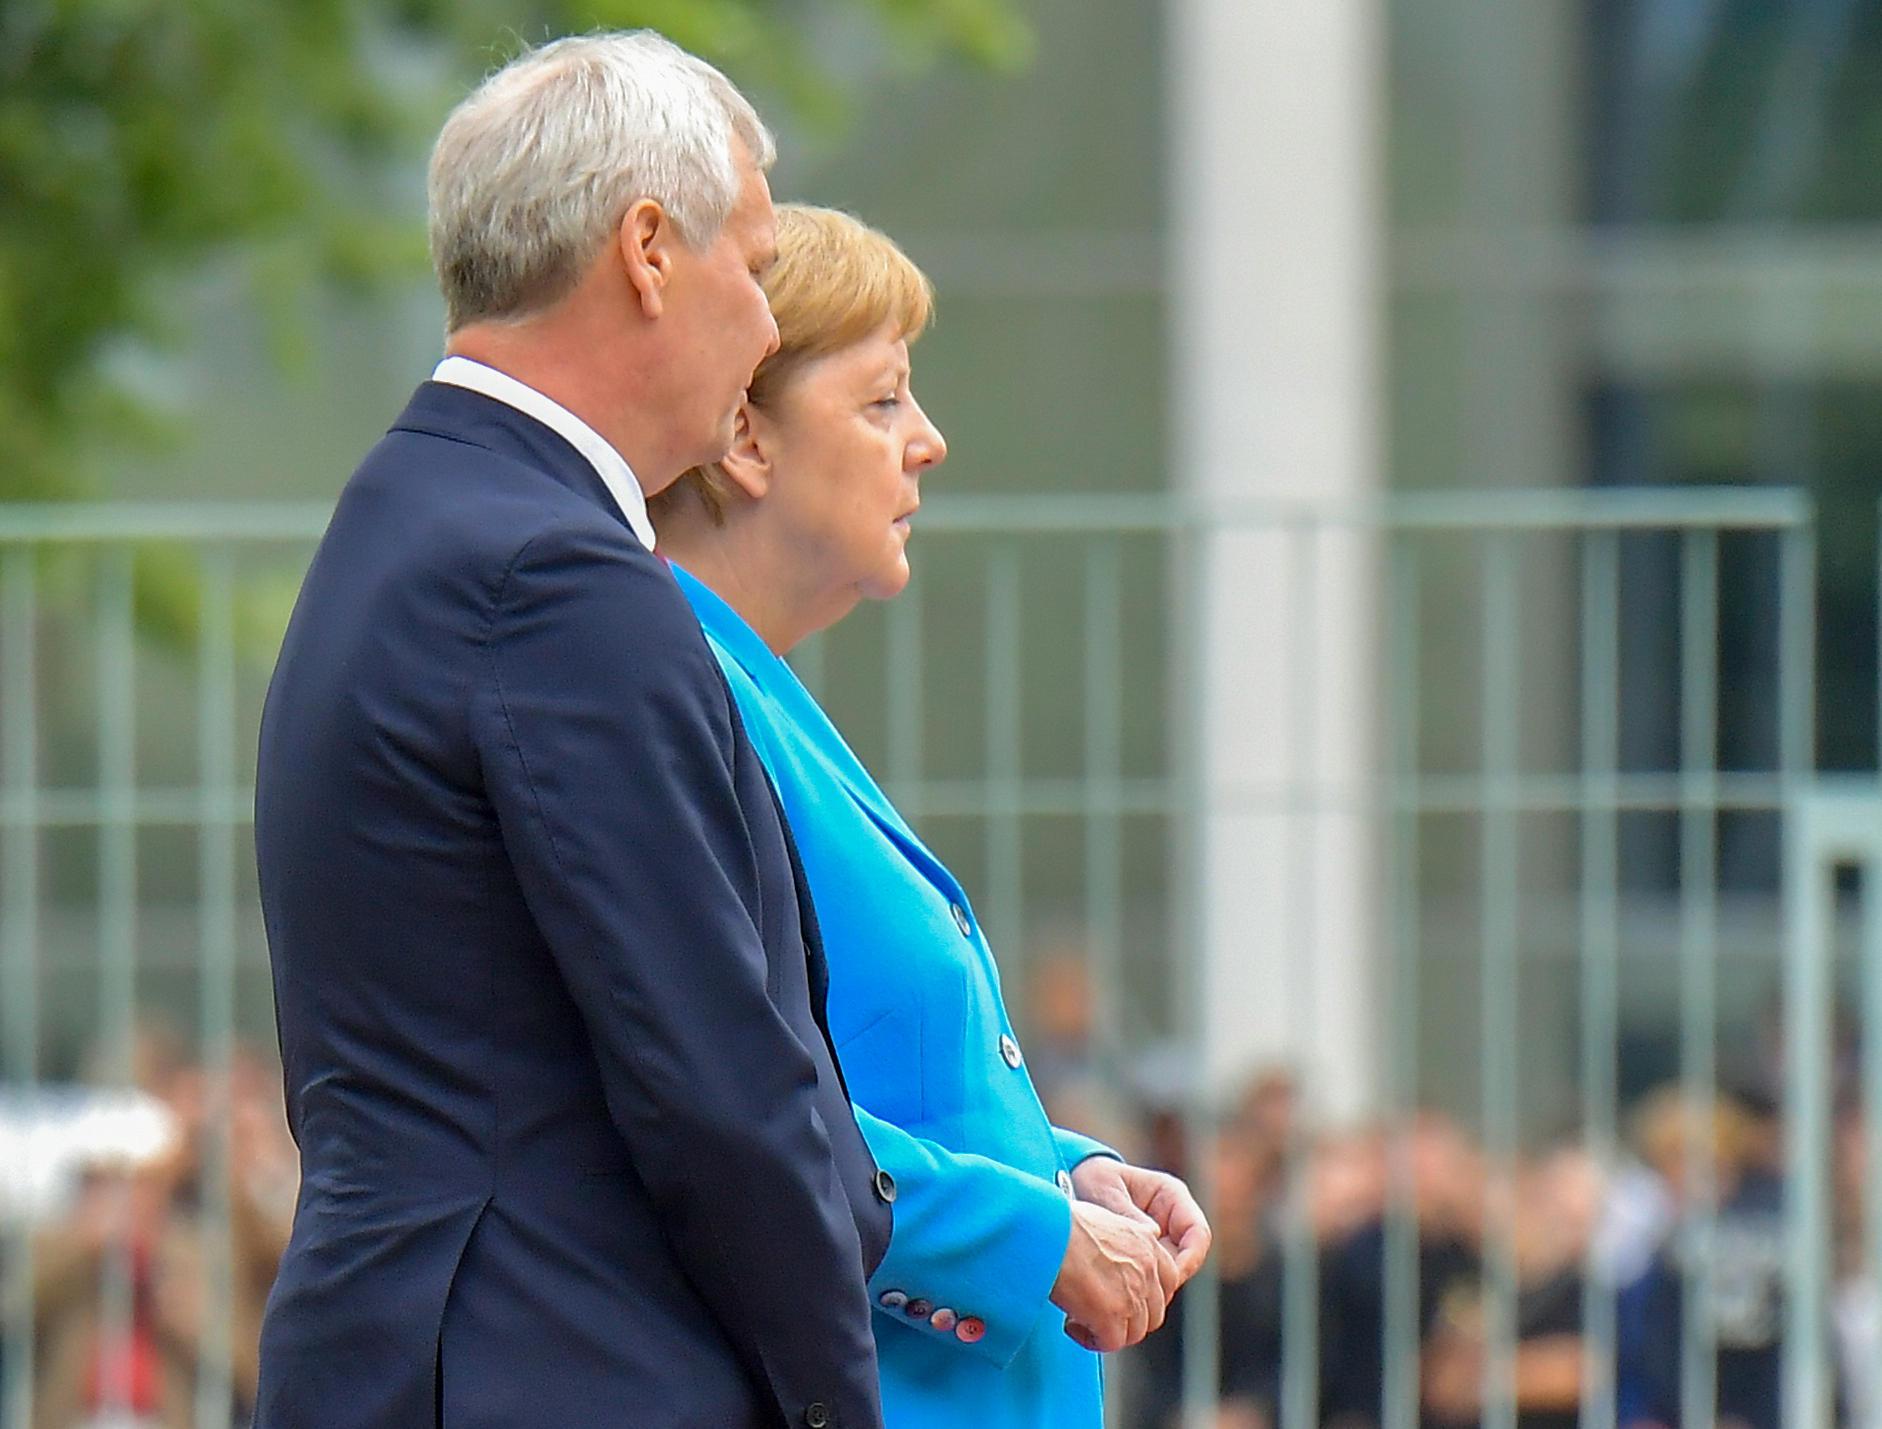 Terzo episodio di tremori per Angela Merkel